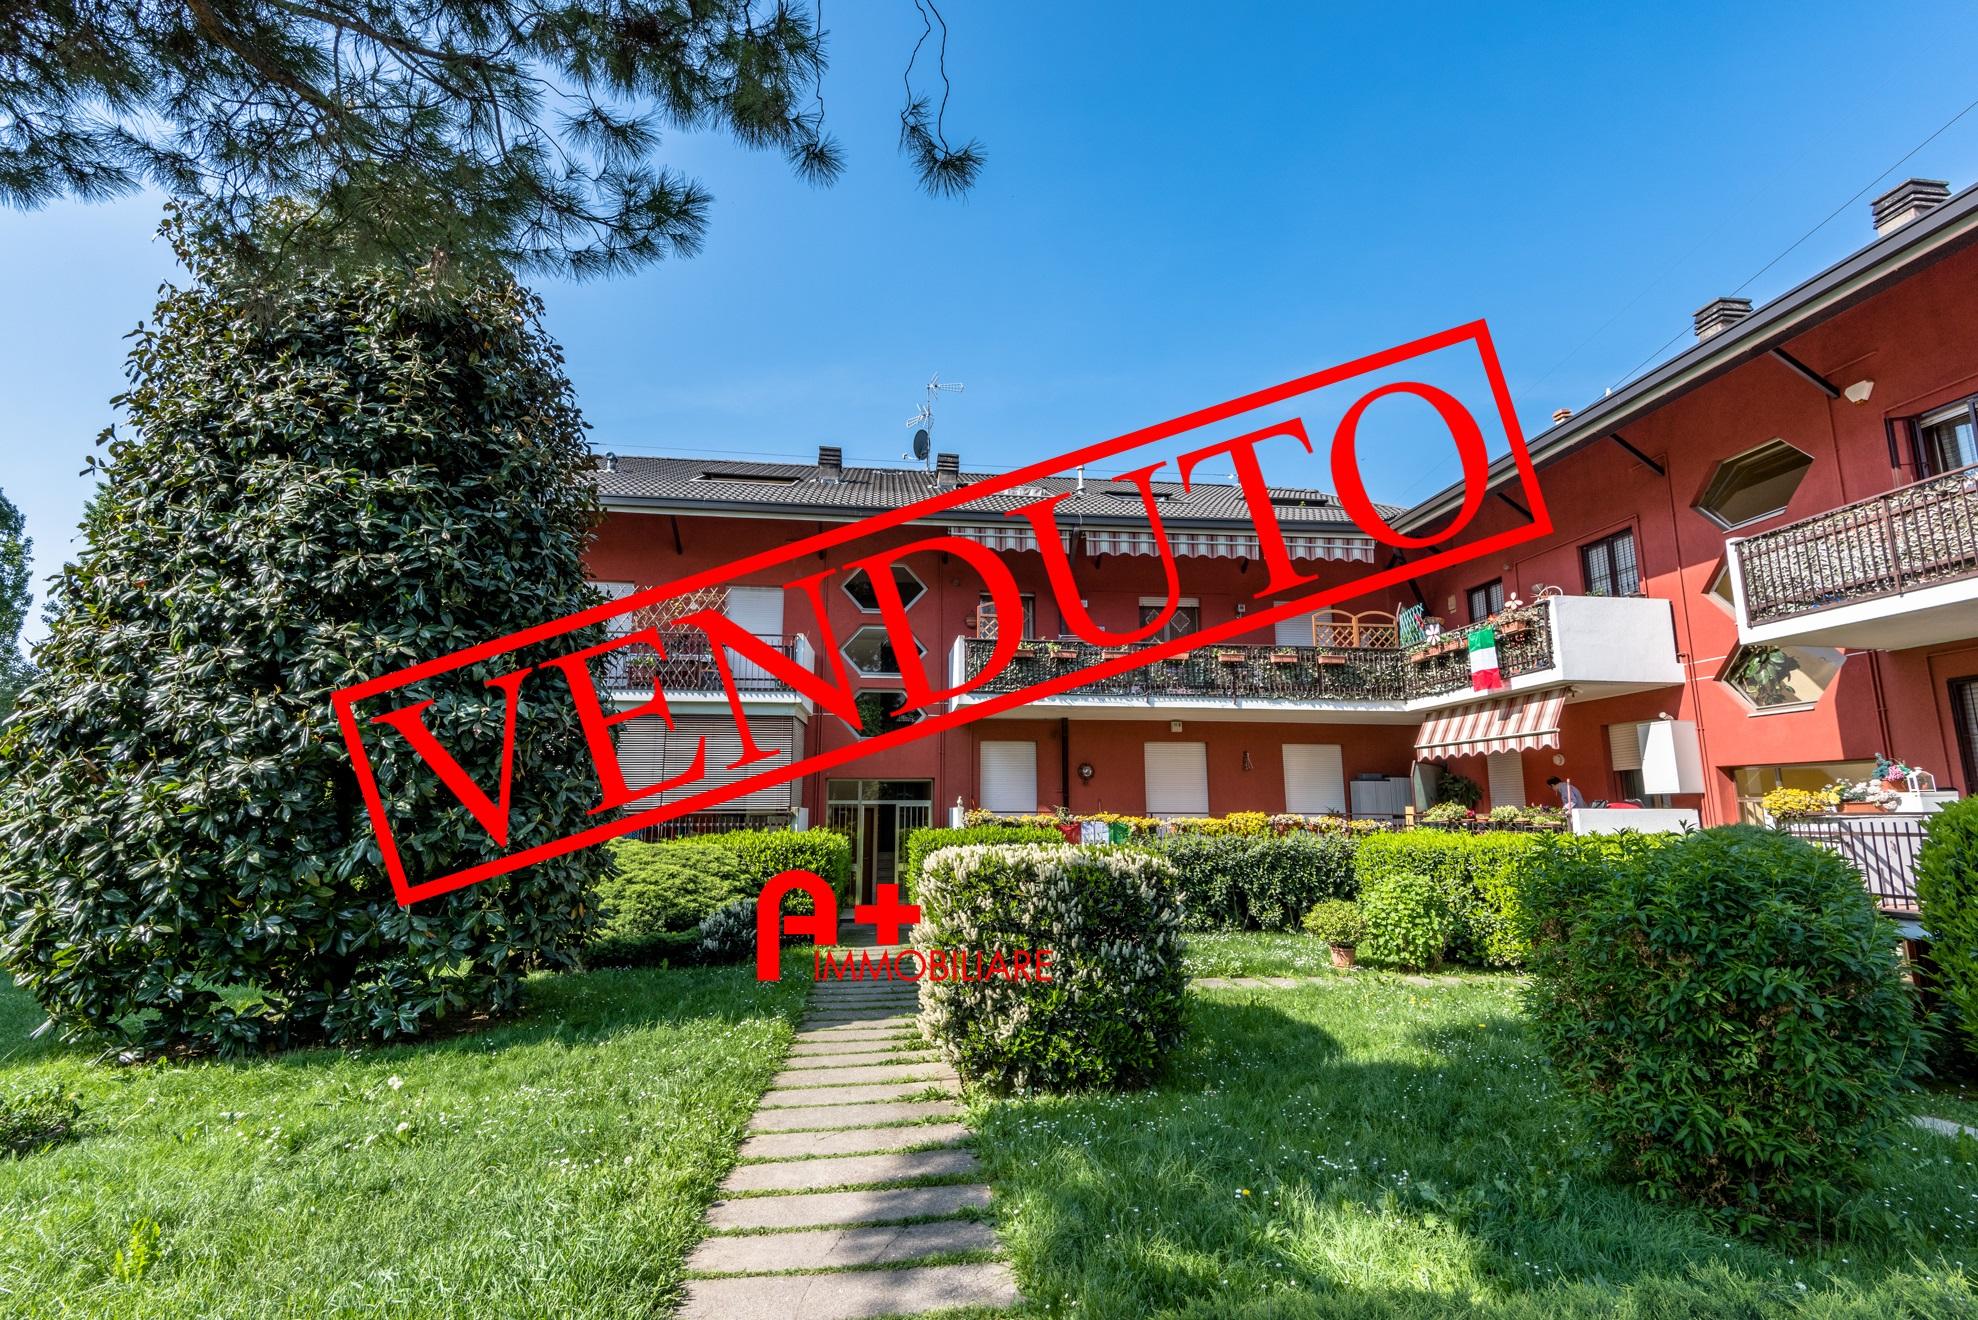 Casa in vendita a treviolo bergamo a immobiliare agenzia for Compro casa bergamo